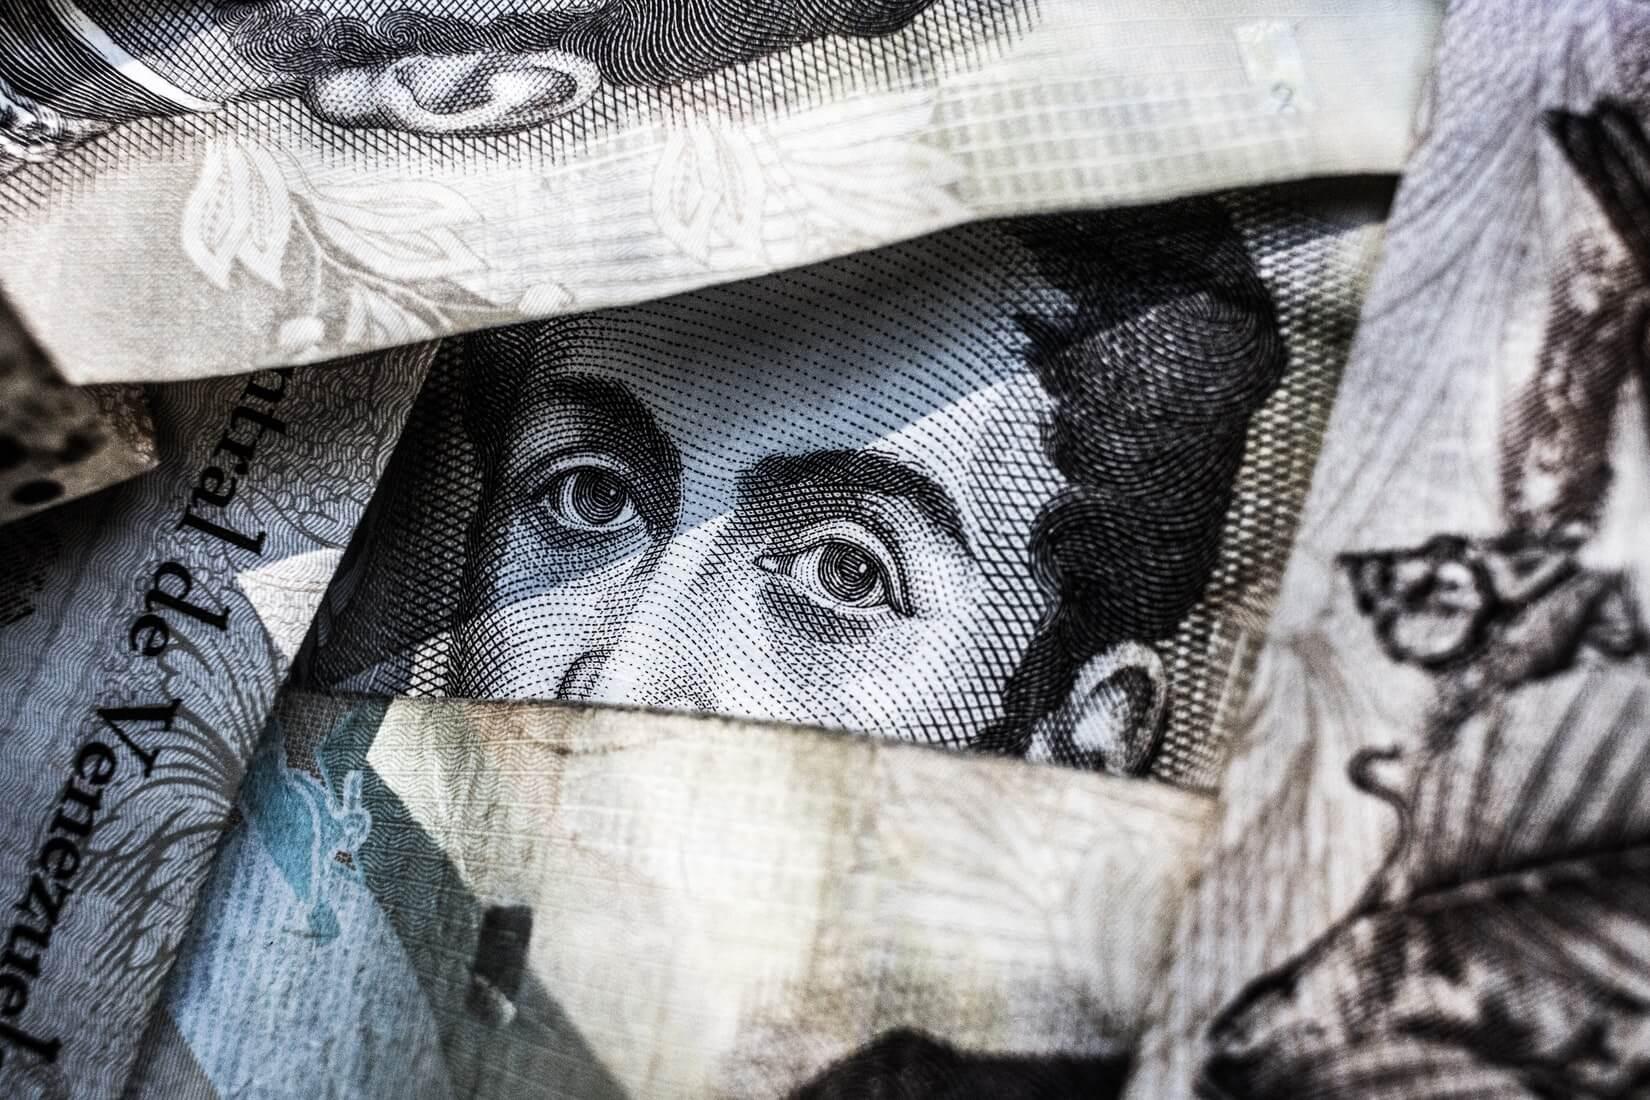 Повышаем финансовую грамотность: что делать с валютой в путешествии